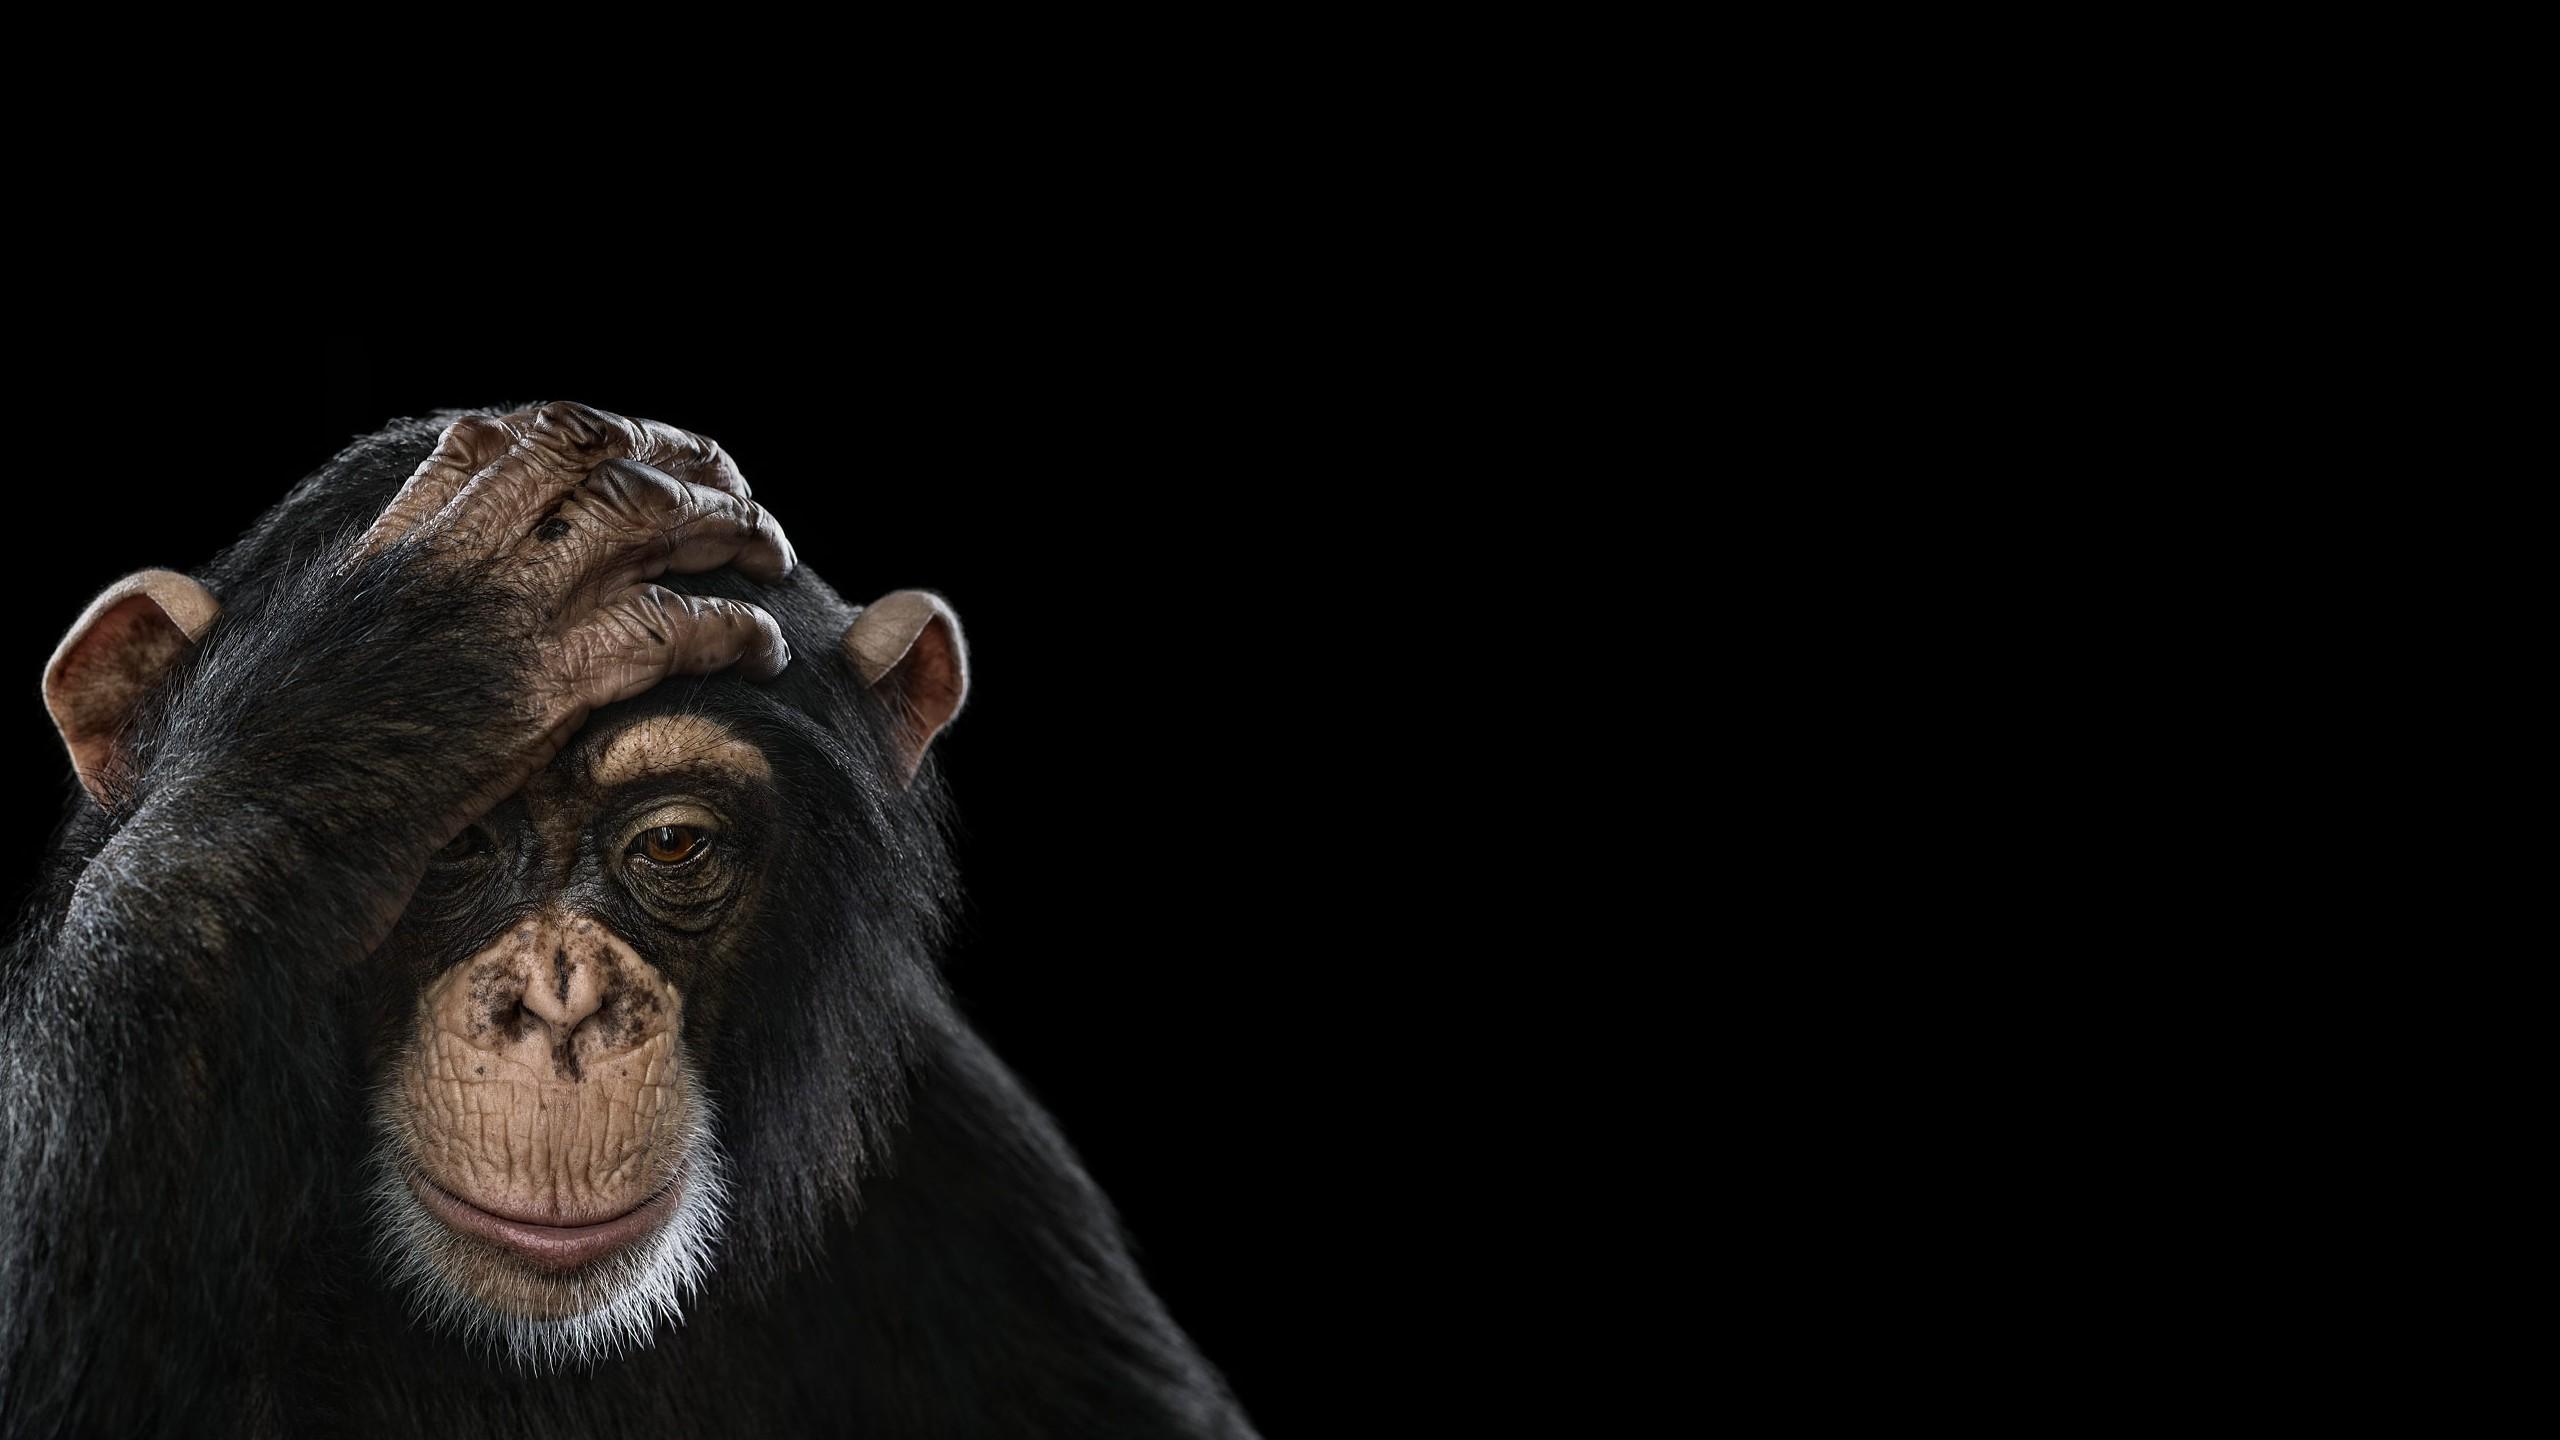 прикольные обезьяны картинки на рабочий стол на весь экран бондаревский